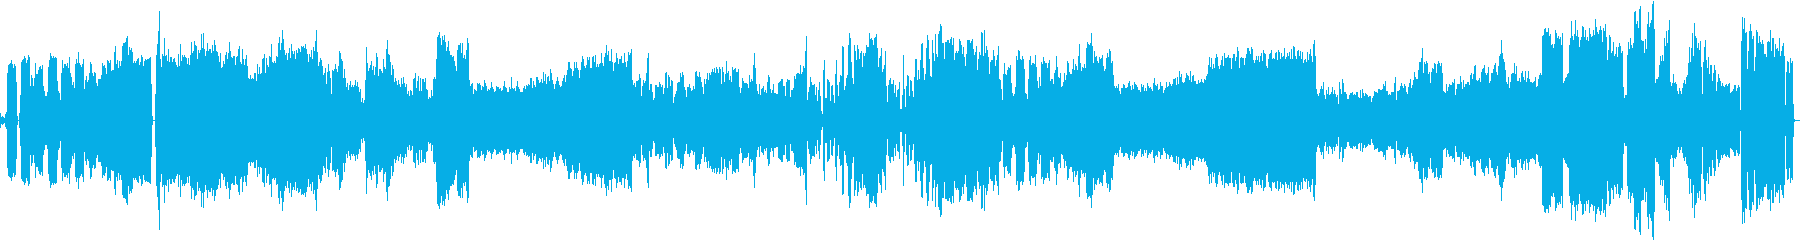 葬送と勝利の大交響曲 第1楽章の再生済みの波形